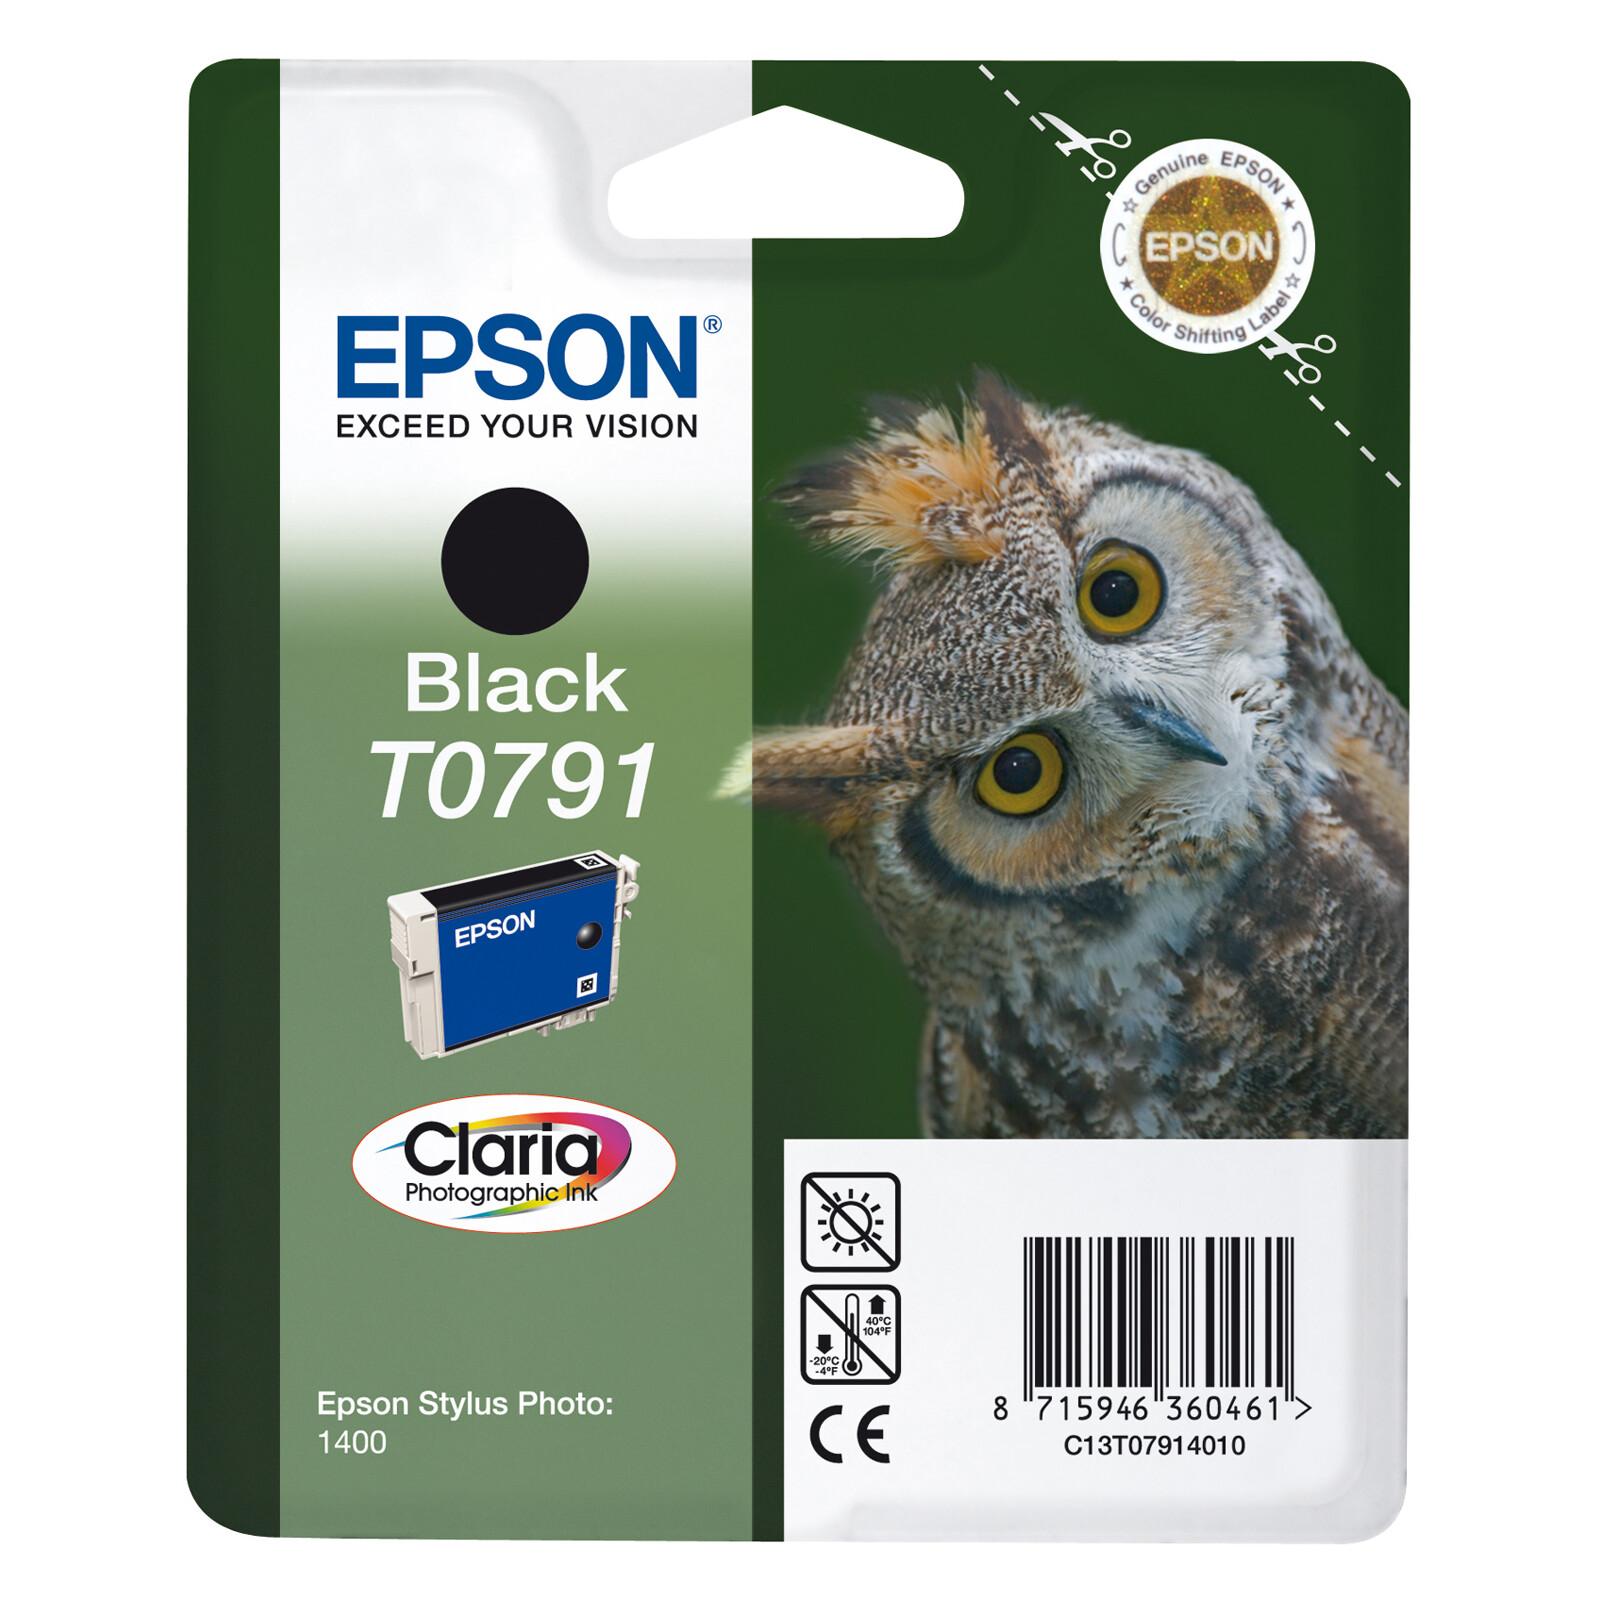 Epson T0791 Tinte Photo Black 11ml